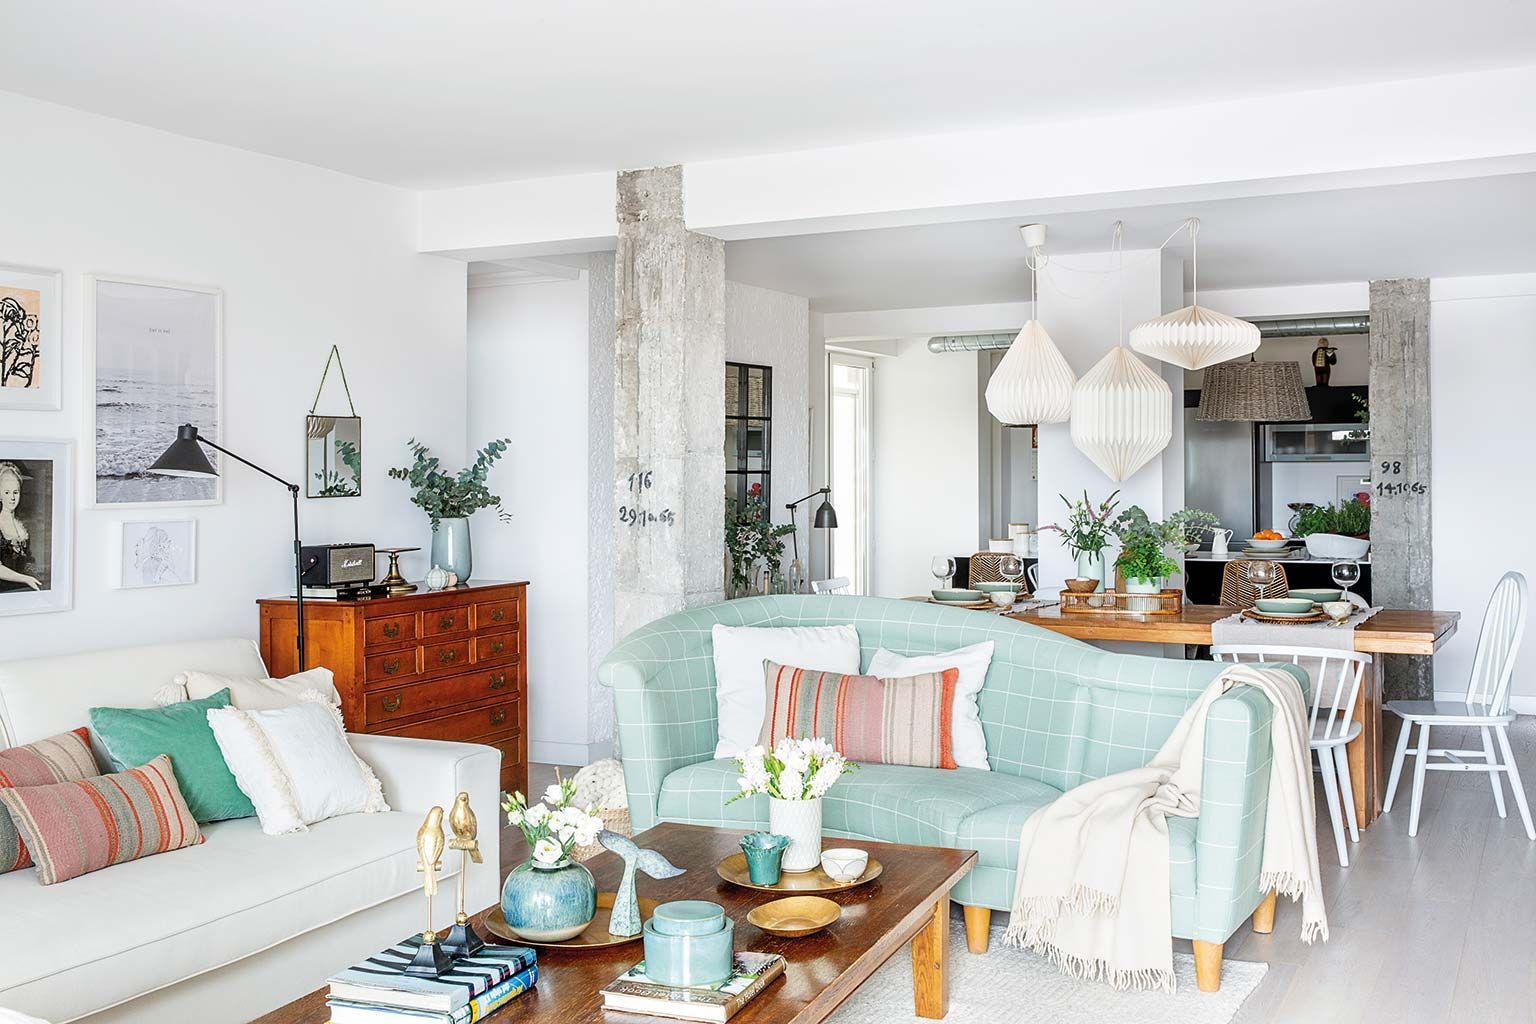 Casa de Paula Duarte interiorista: Salón, comedor, cocina